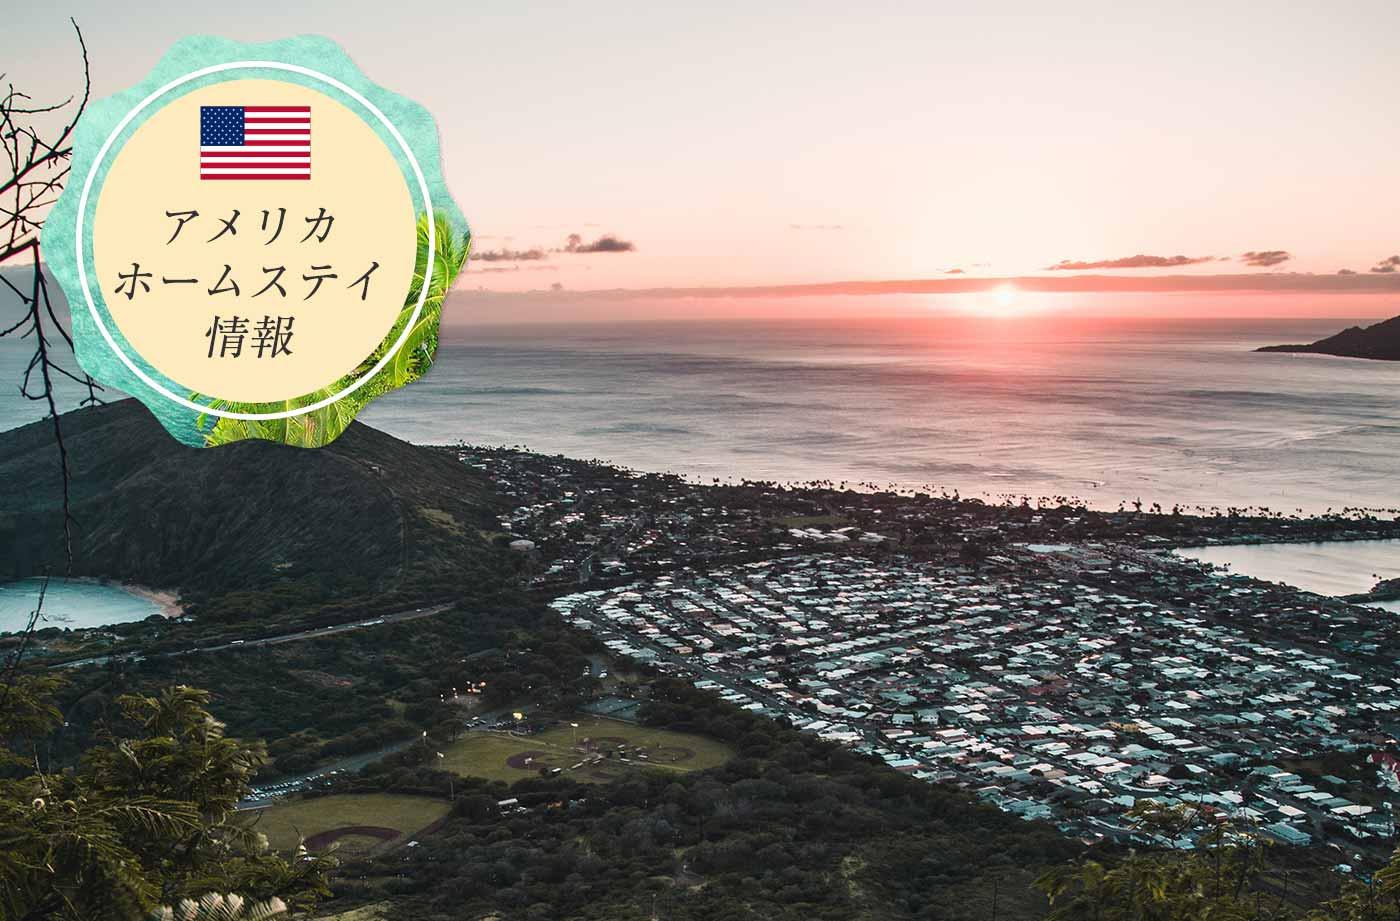 ハワイ、オアフ島へホームステイ